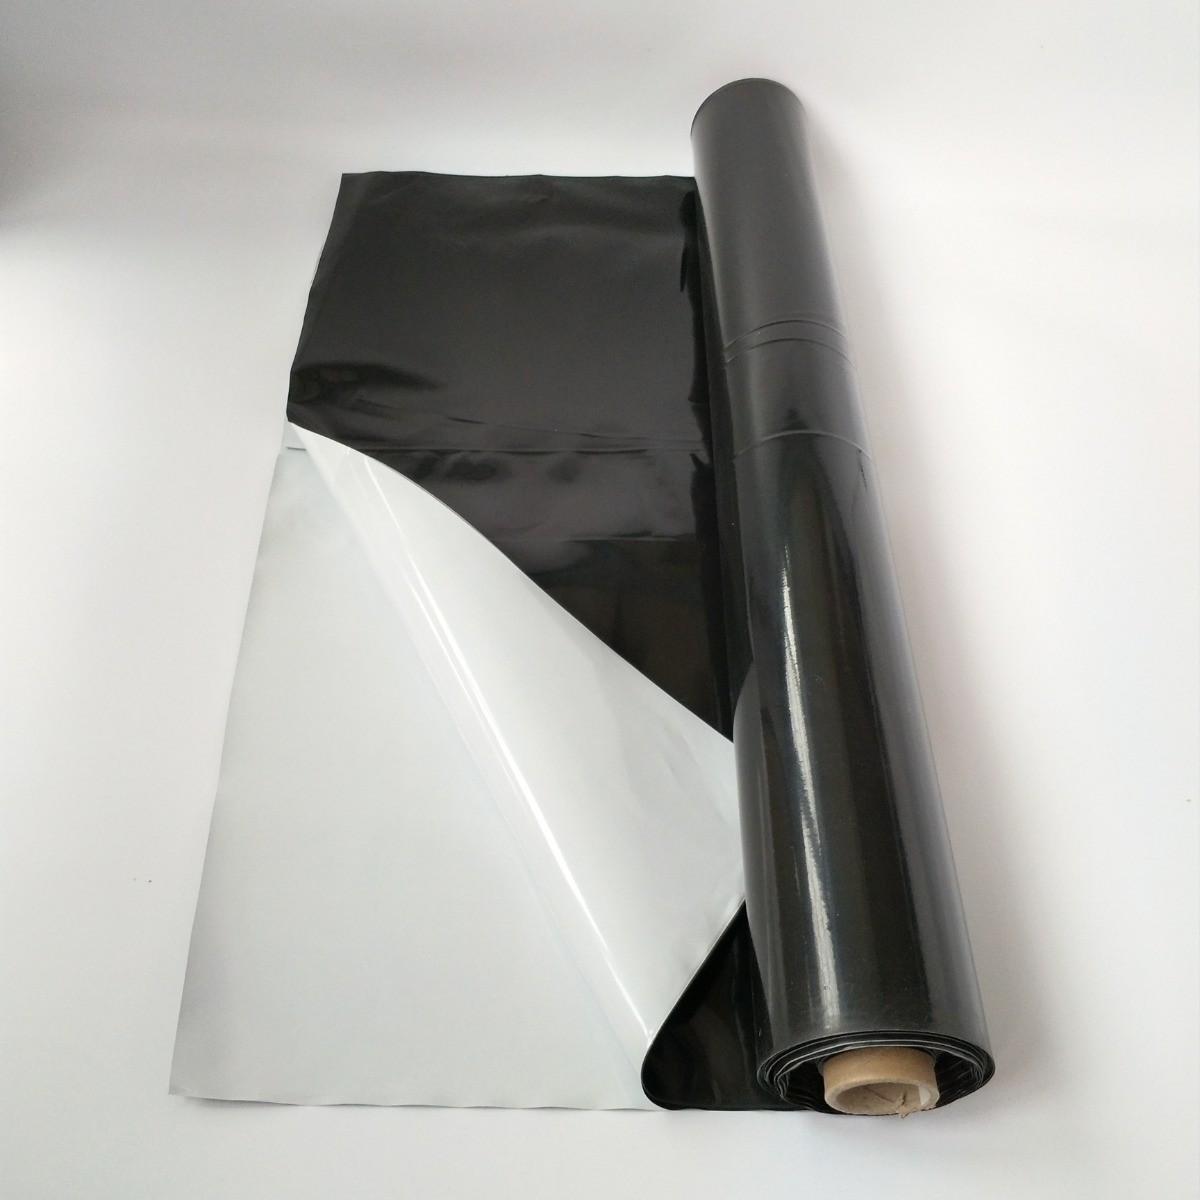 Lona Silagem Nortene Branca/Preta 72kg - 6x35m